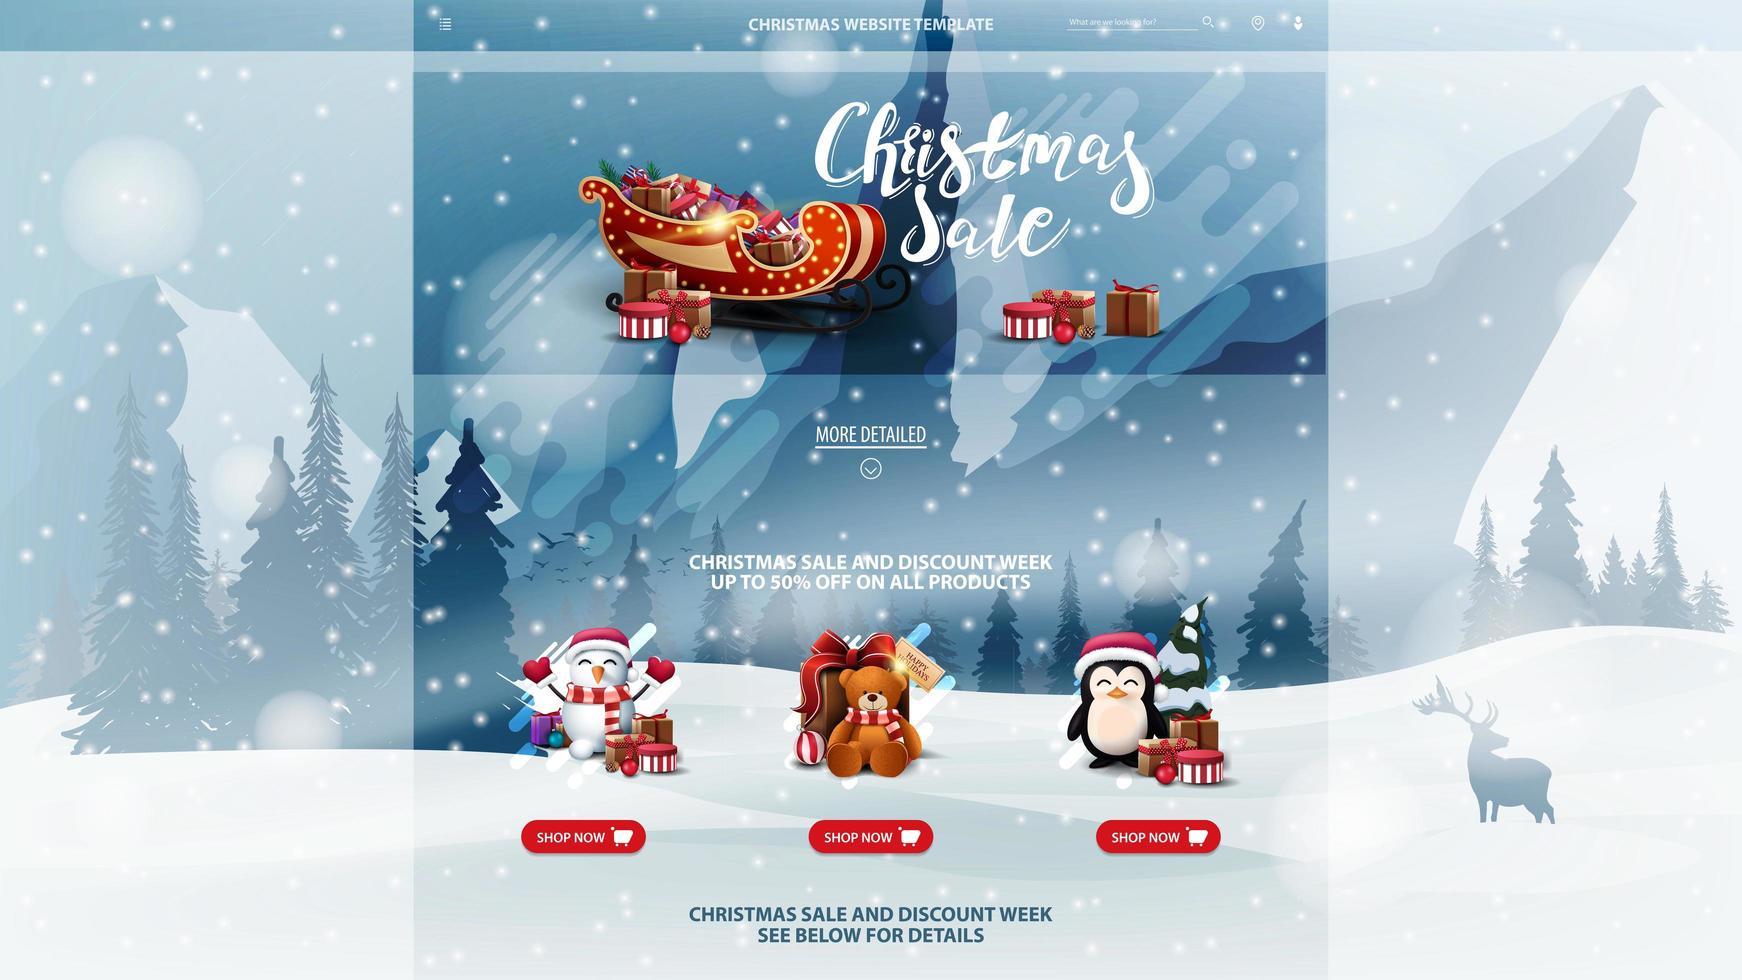 Weihnachtswebsite-Schablone mit Winterlandschaft vektor